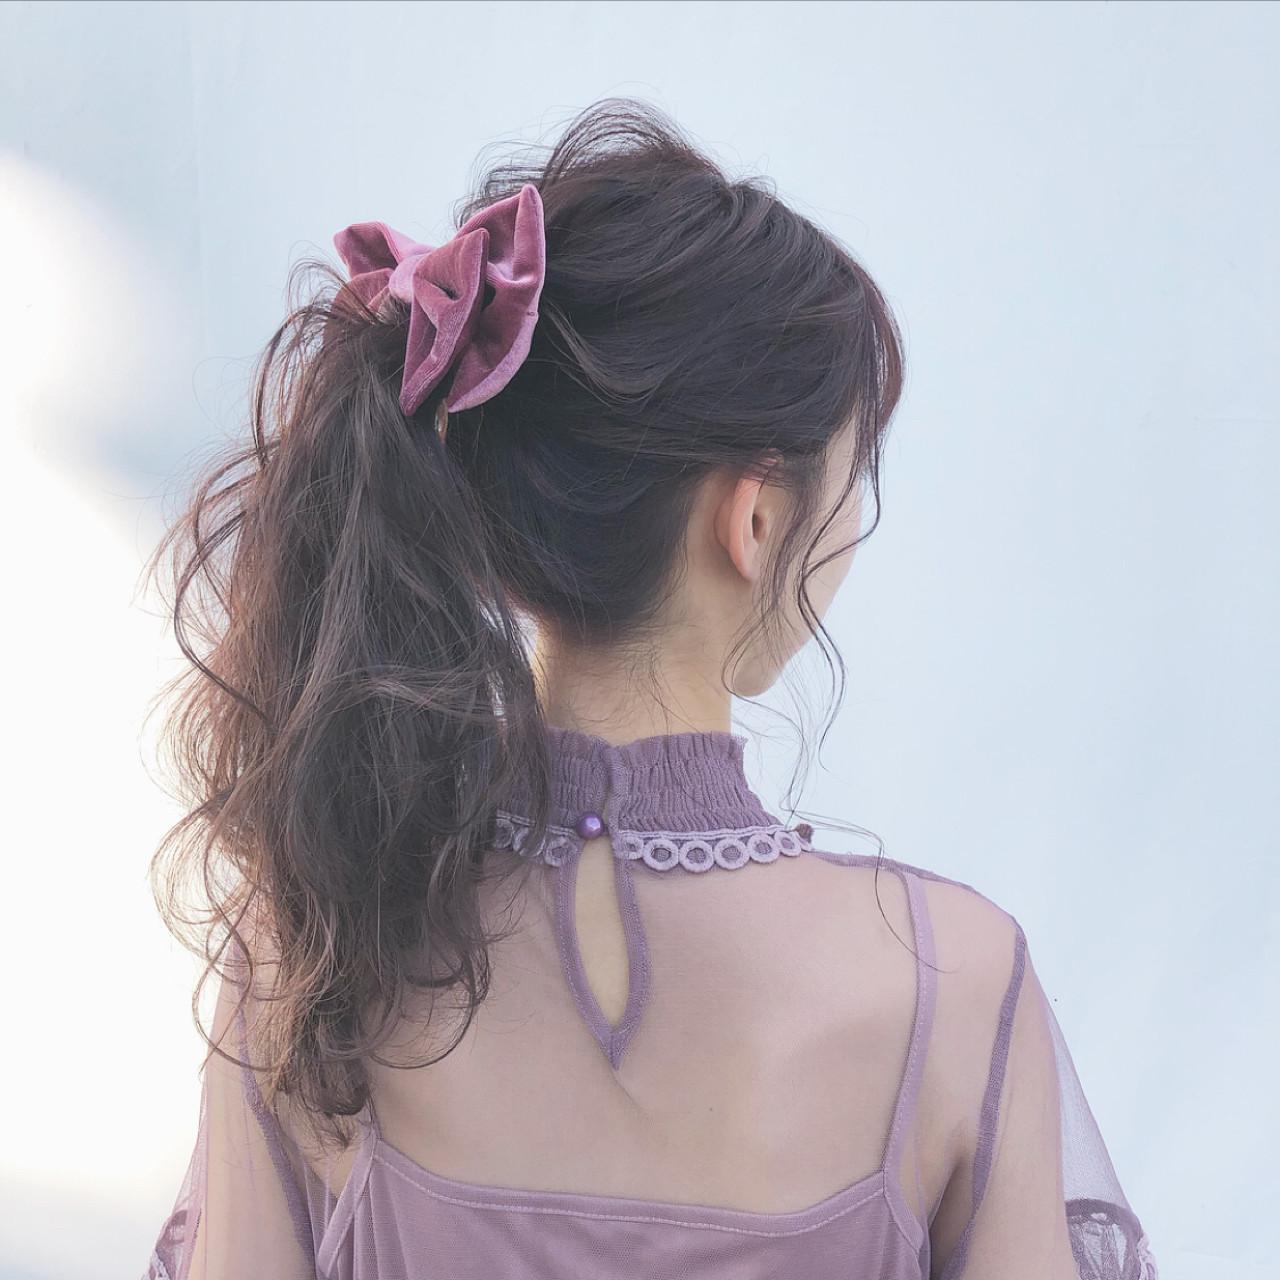 ニュアンスウェーブが可愛い♡ポニーテール hii.de@✂︎